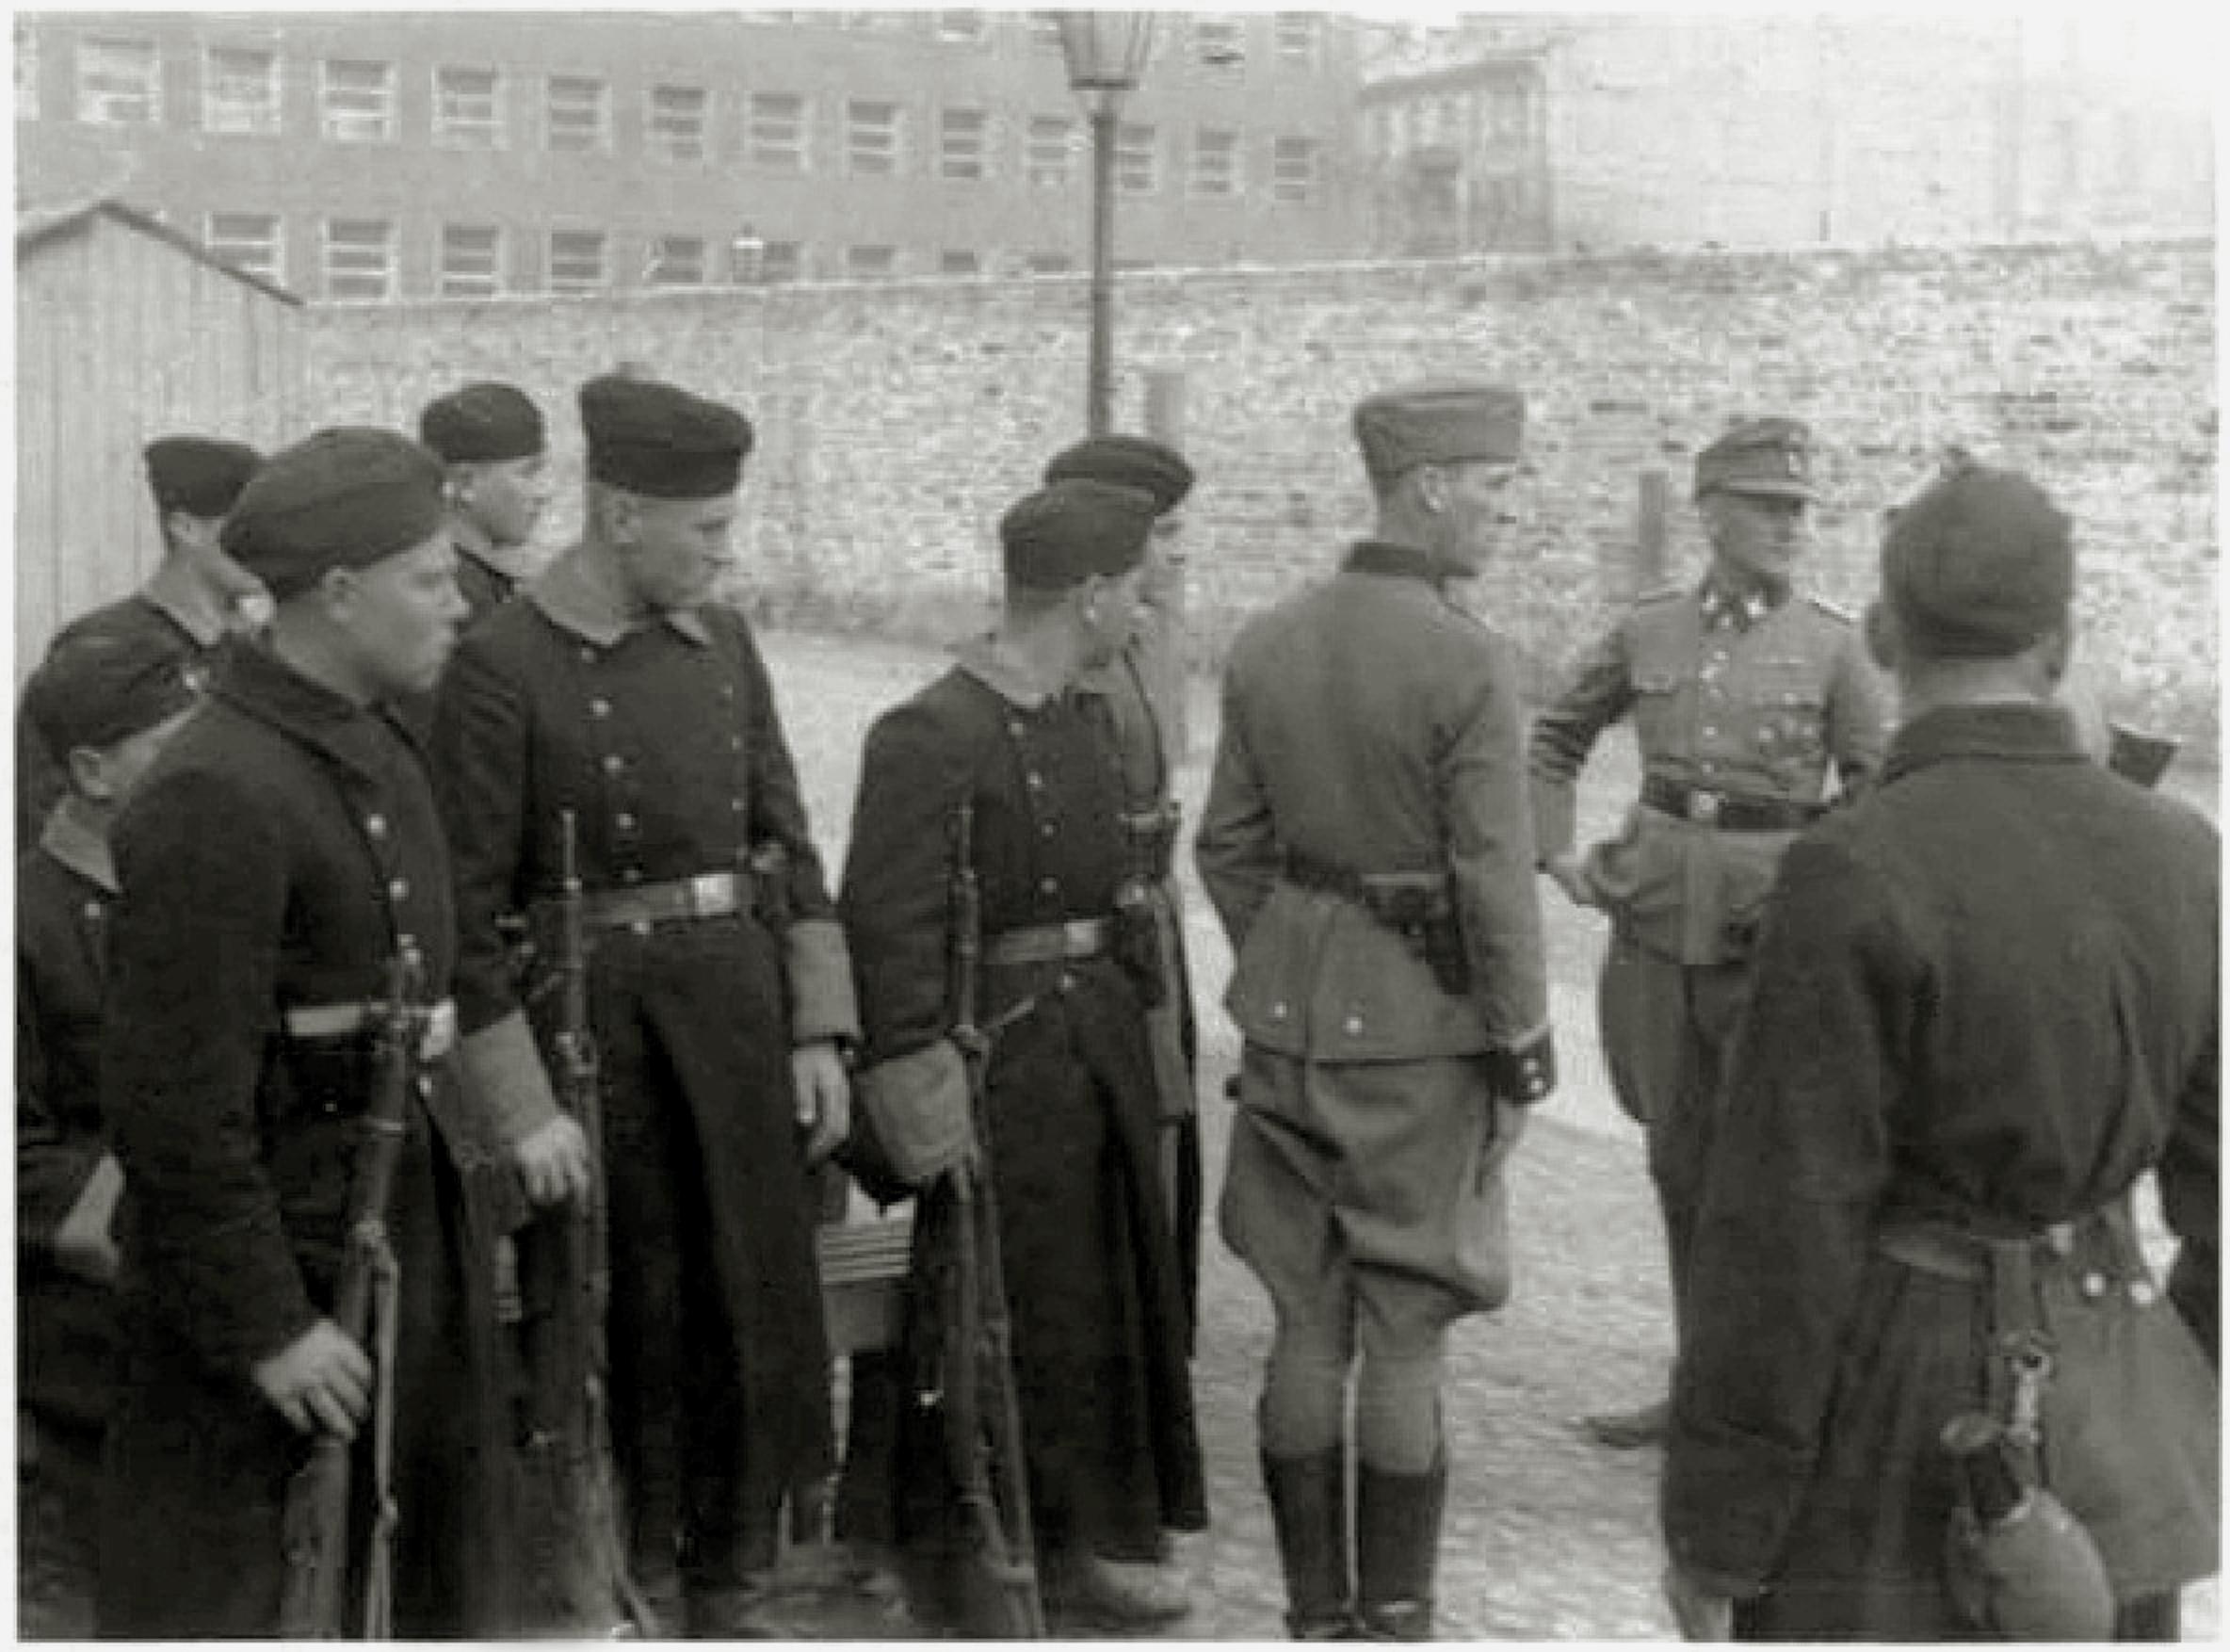 Warsaw_Ghetto_Uprising_Umschlagplatz_1943_05.jpg